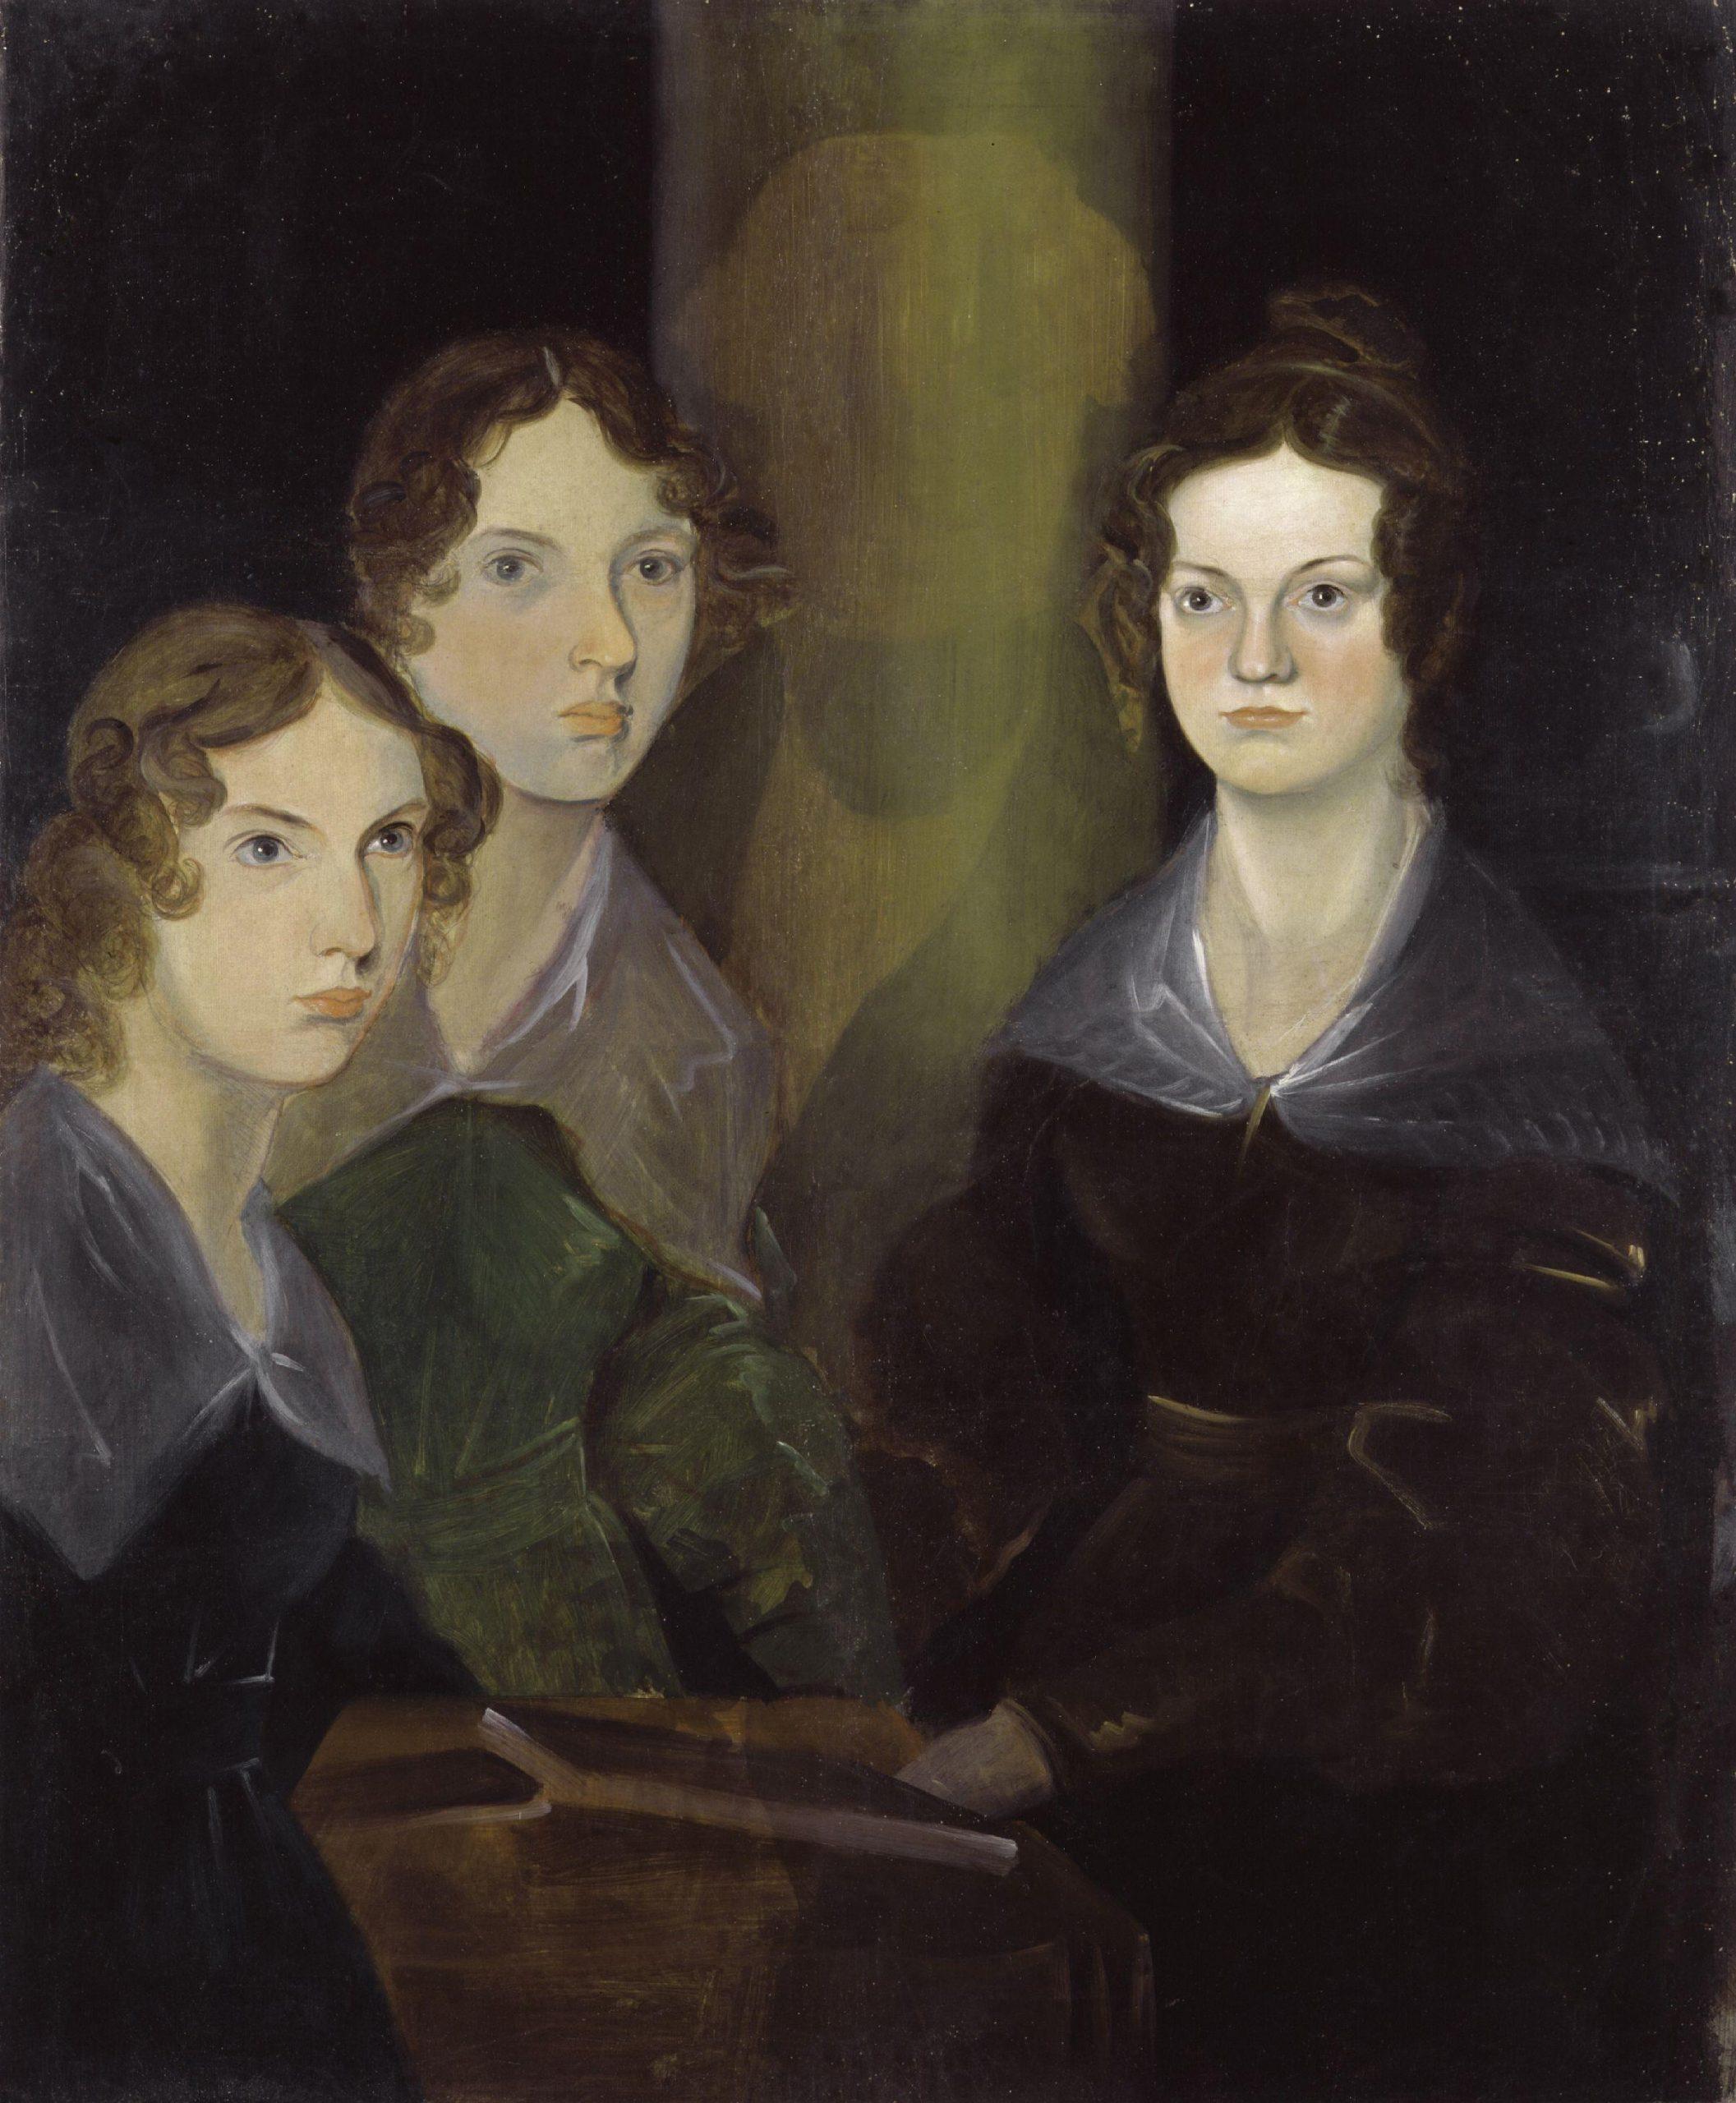 Brontë nővérek egyetlen fiú testvérük, Branwell festményén